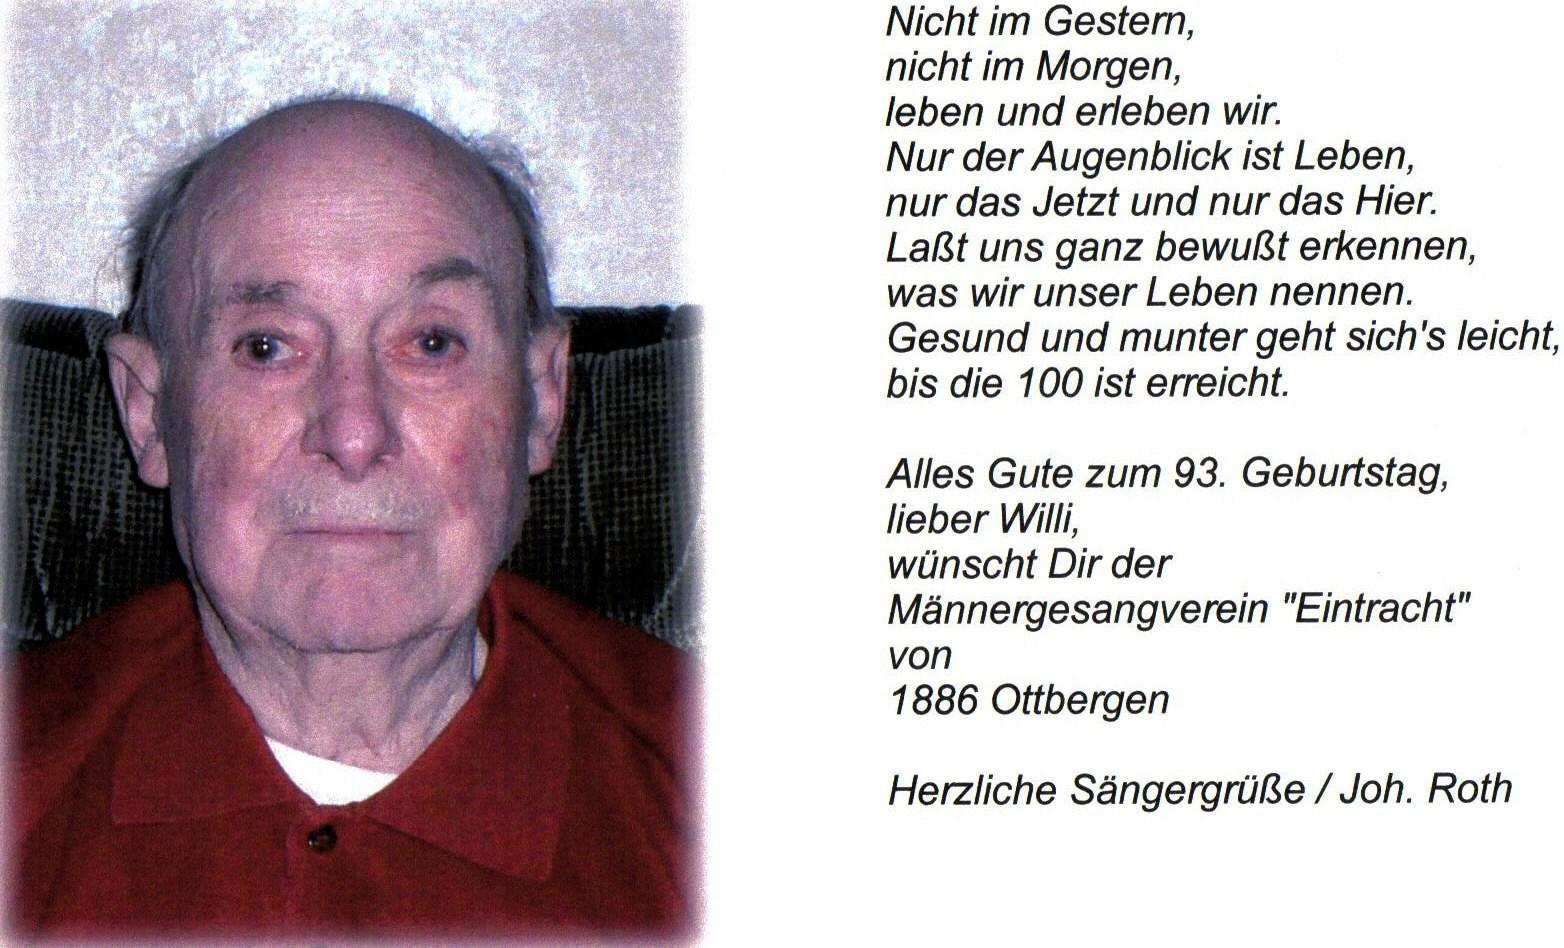 Geburtstagssprüche Zum 75  Archiv MGV Ottbergen Geburtstage 2007